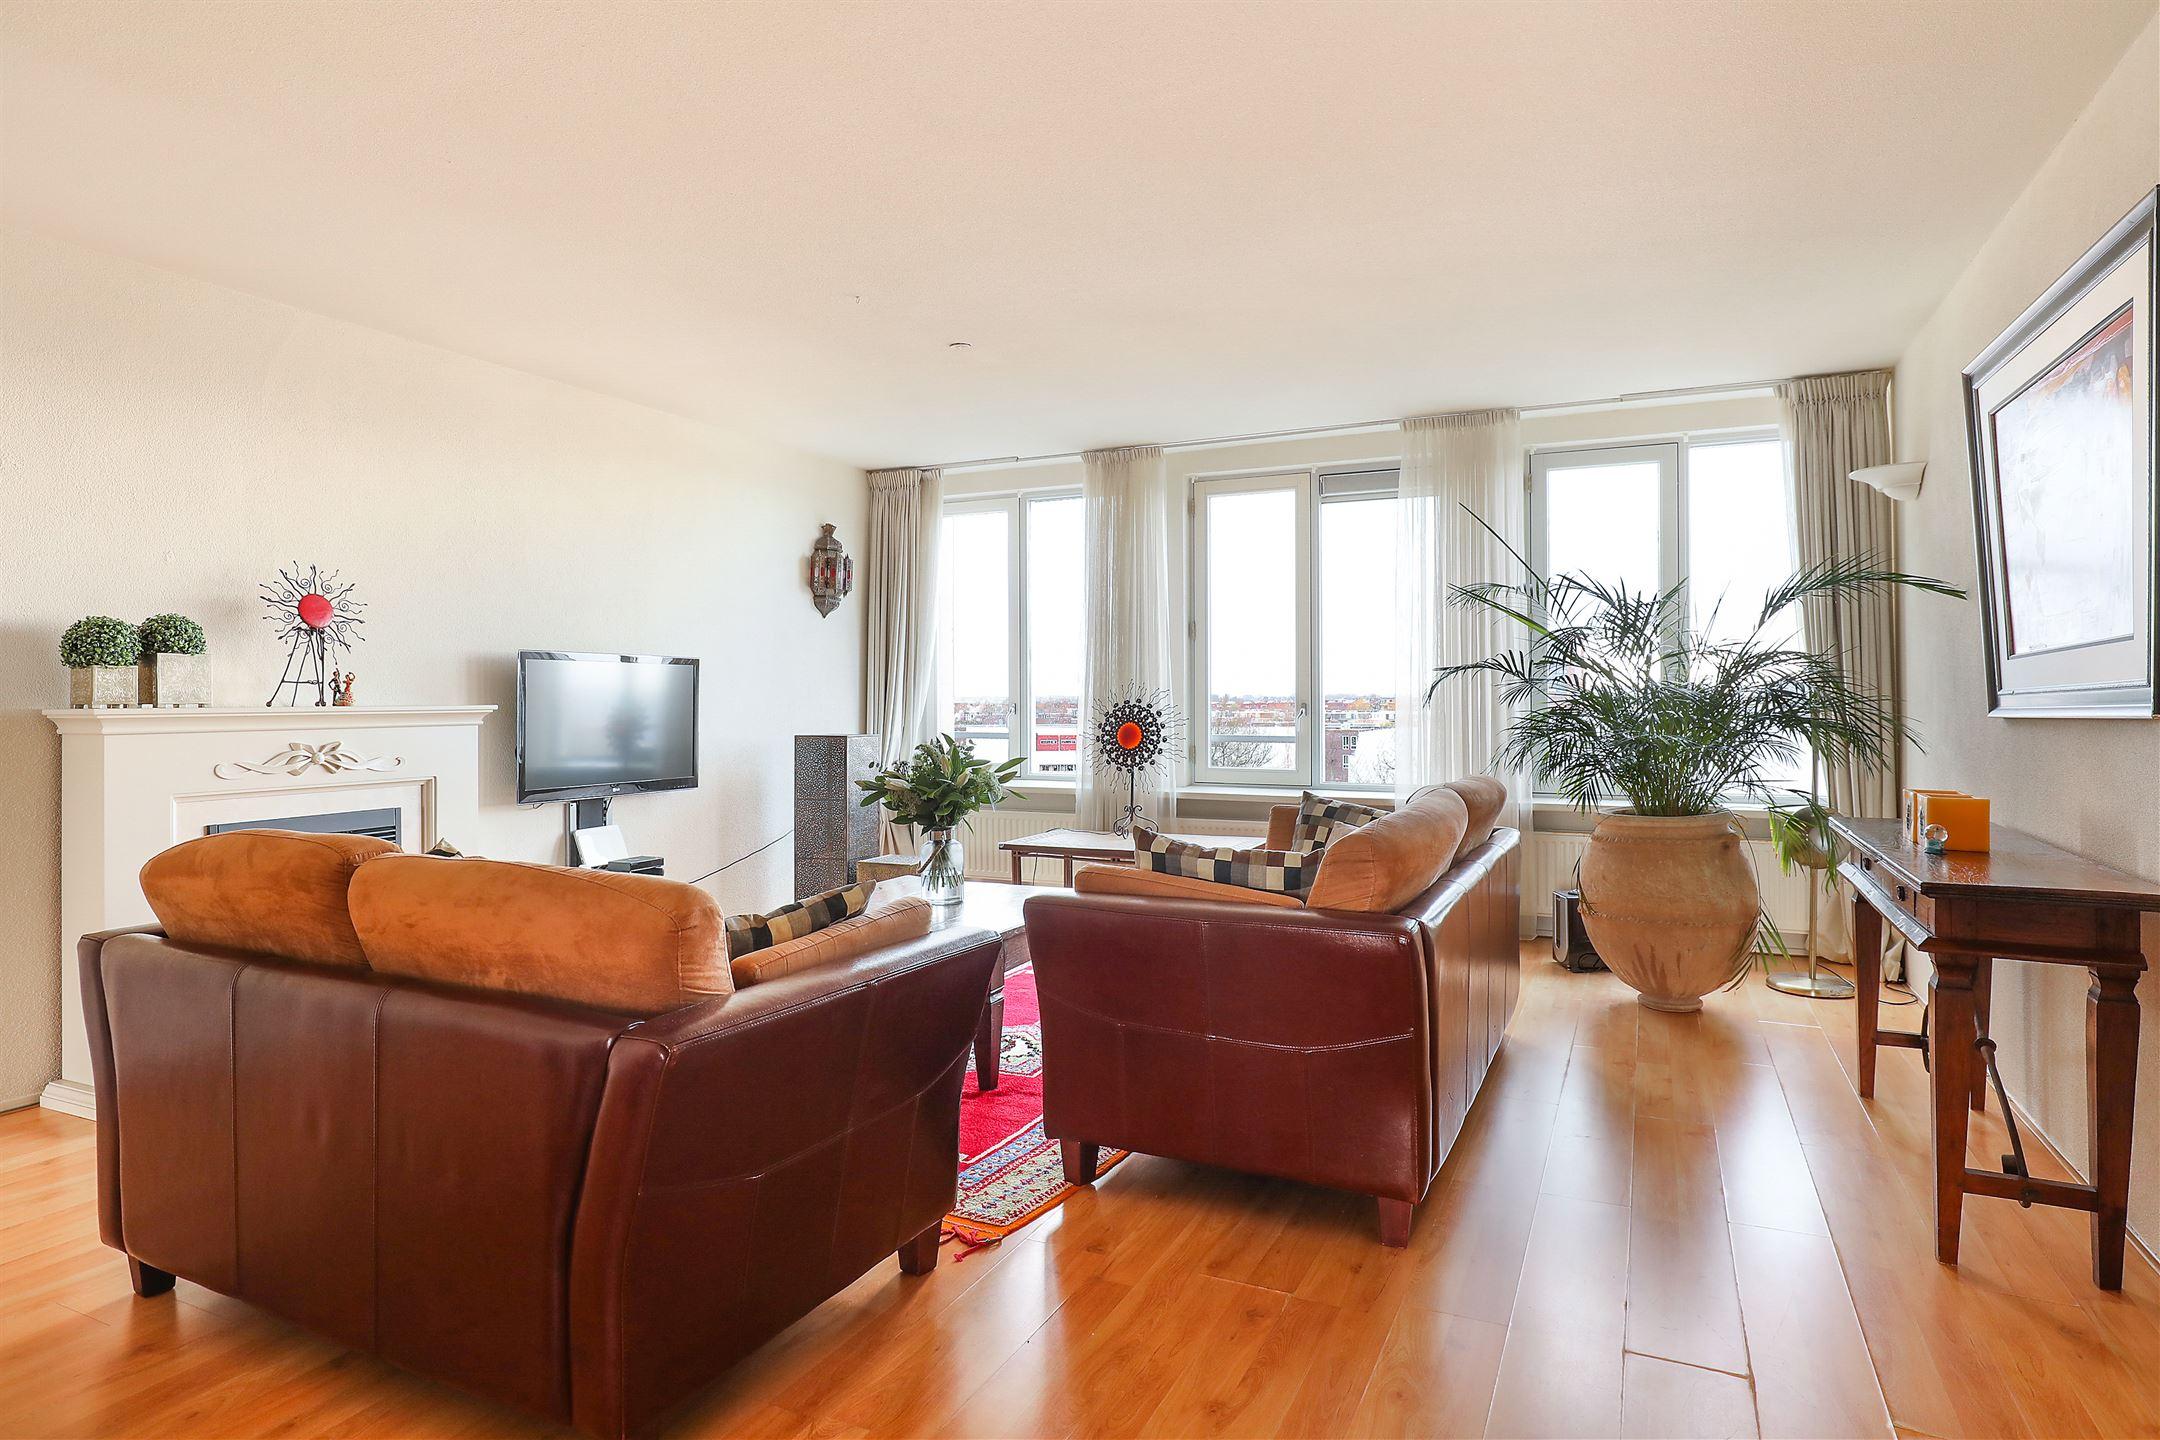 Appartement te koop: Regenboog 331 3824 ED Amersfoort [funda]